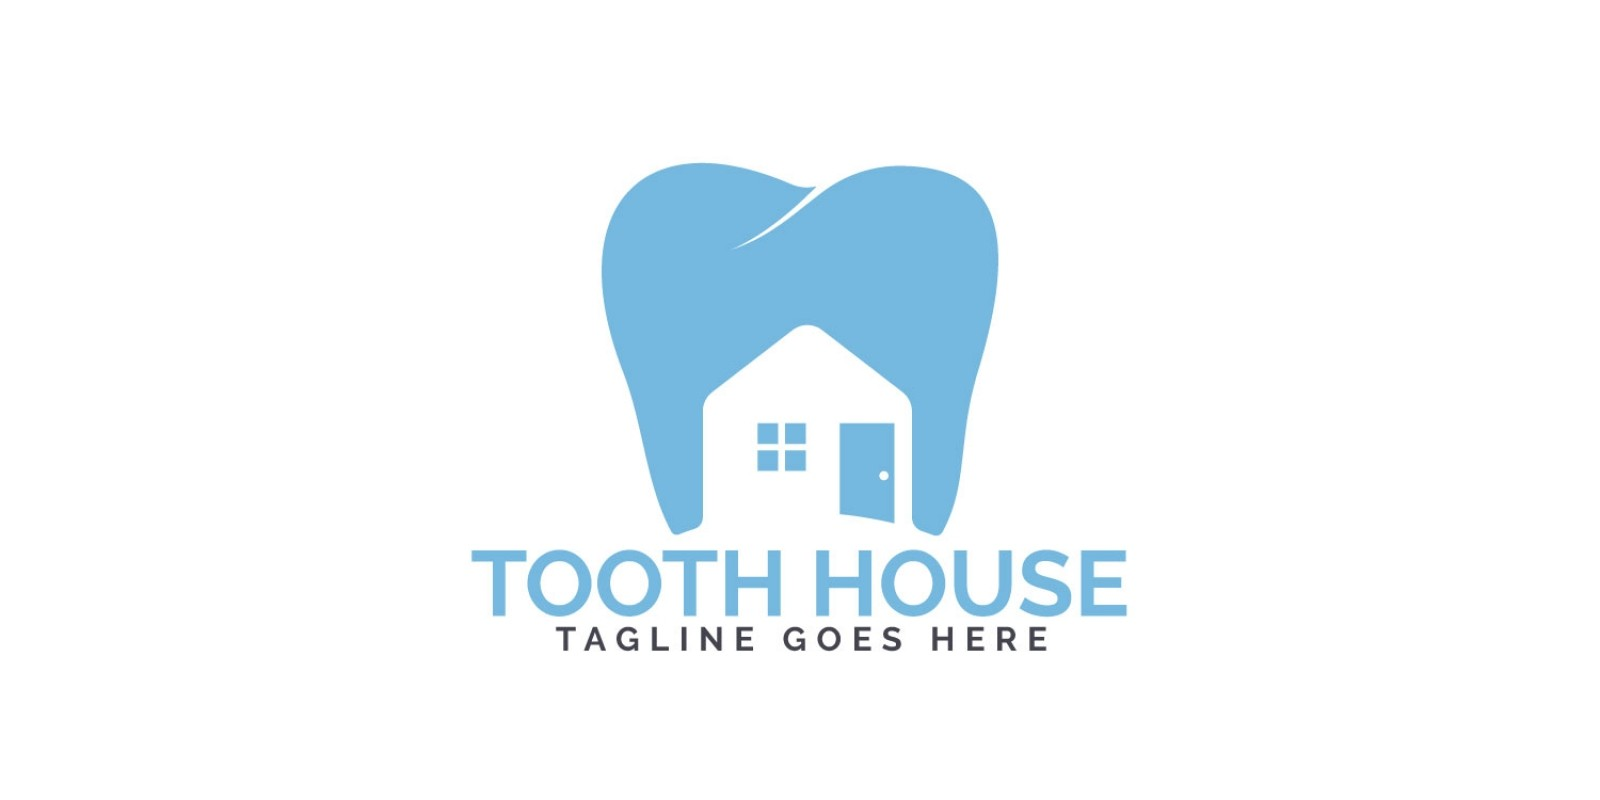 Tooth House Logo Design